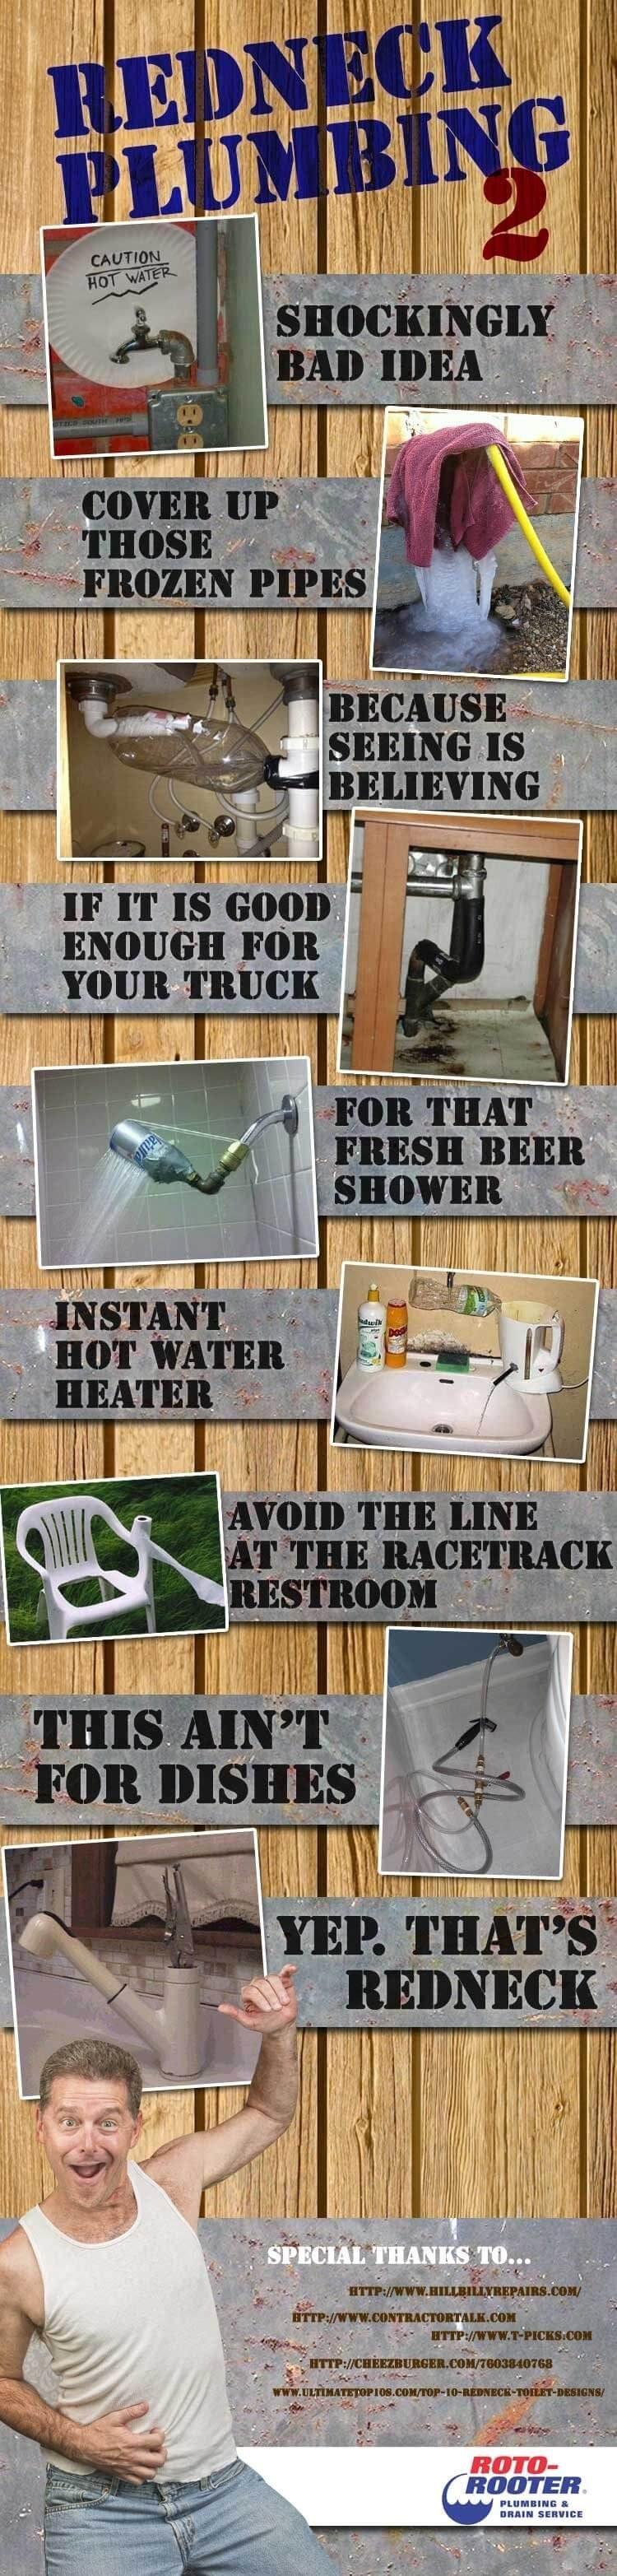 redneck plumbing